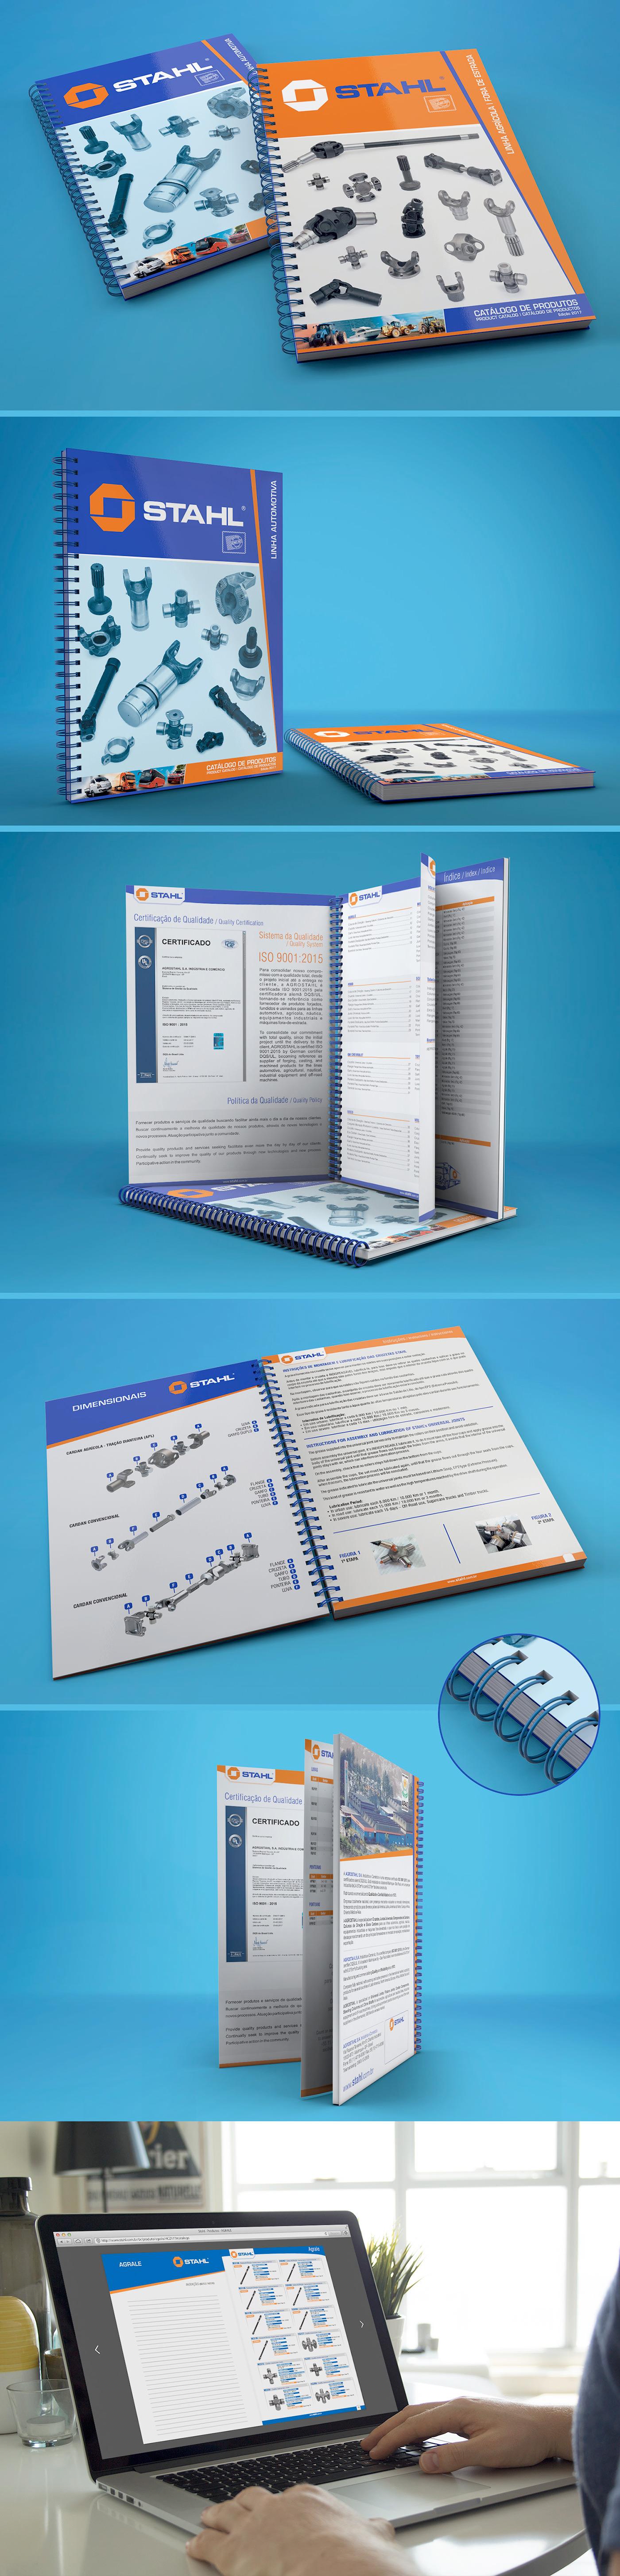 Stahl Catálogo de Produtos